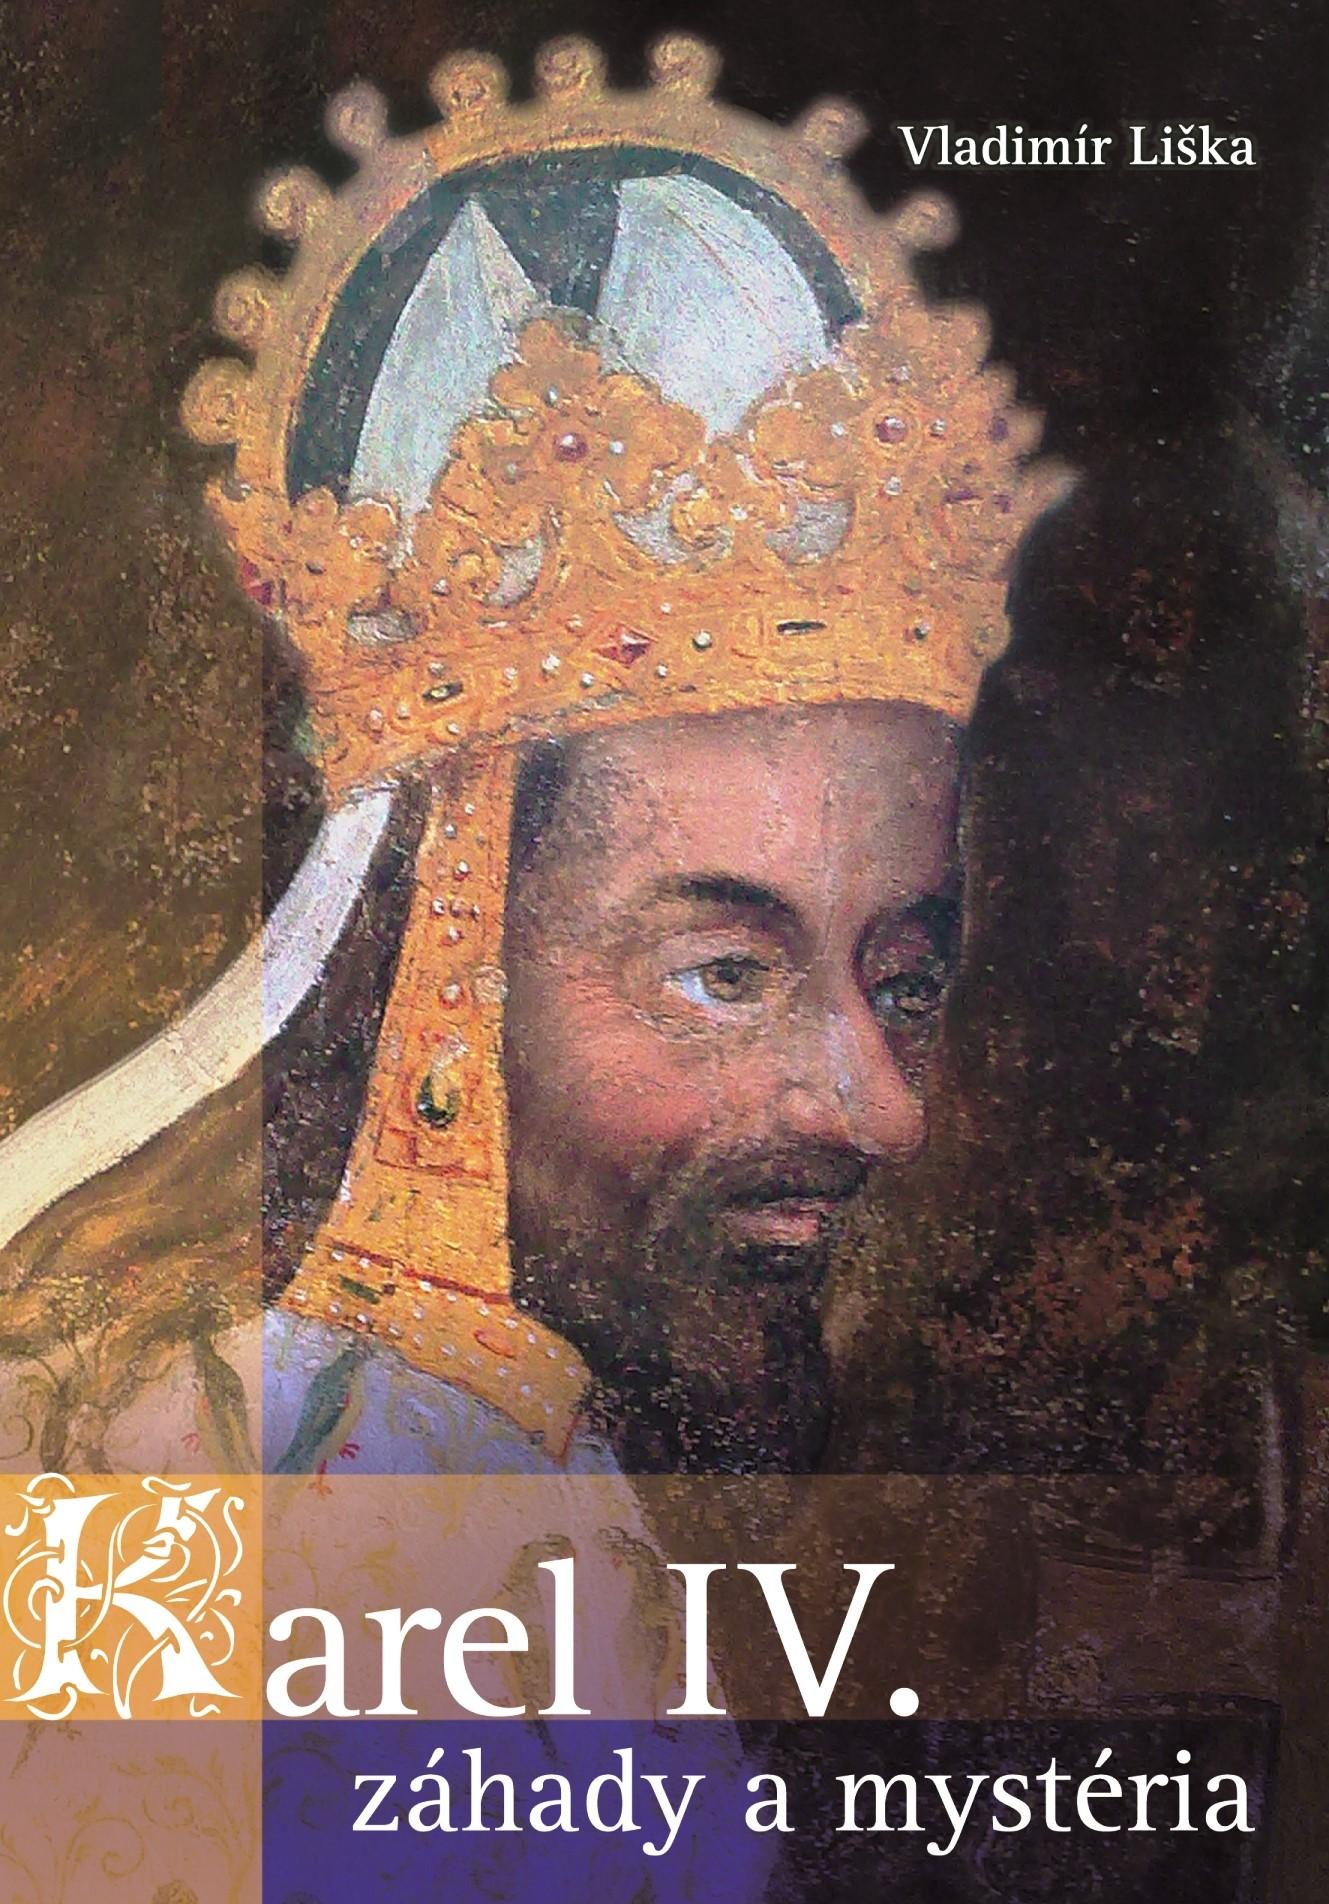 Karel IV. - záhady a mysteria | Vladimír Liška